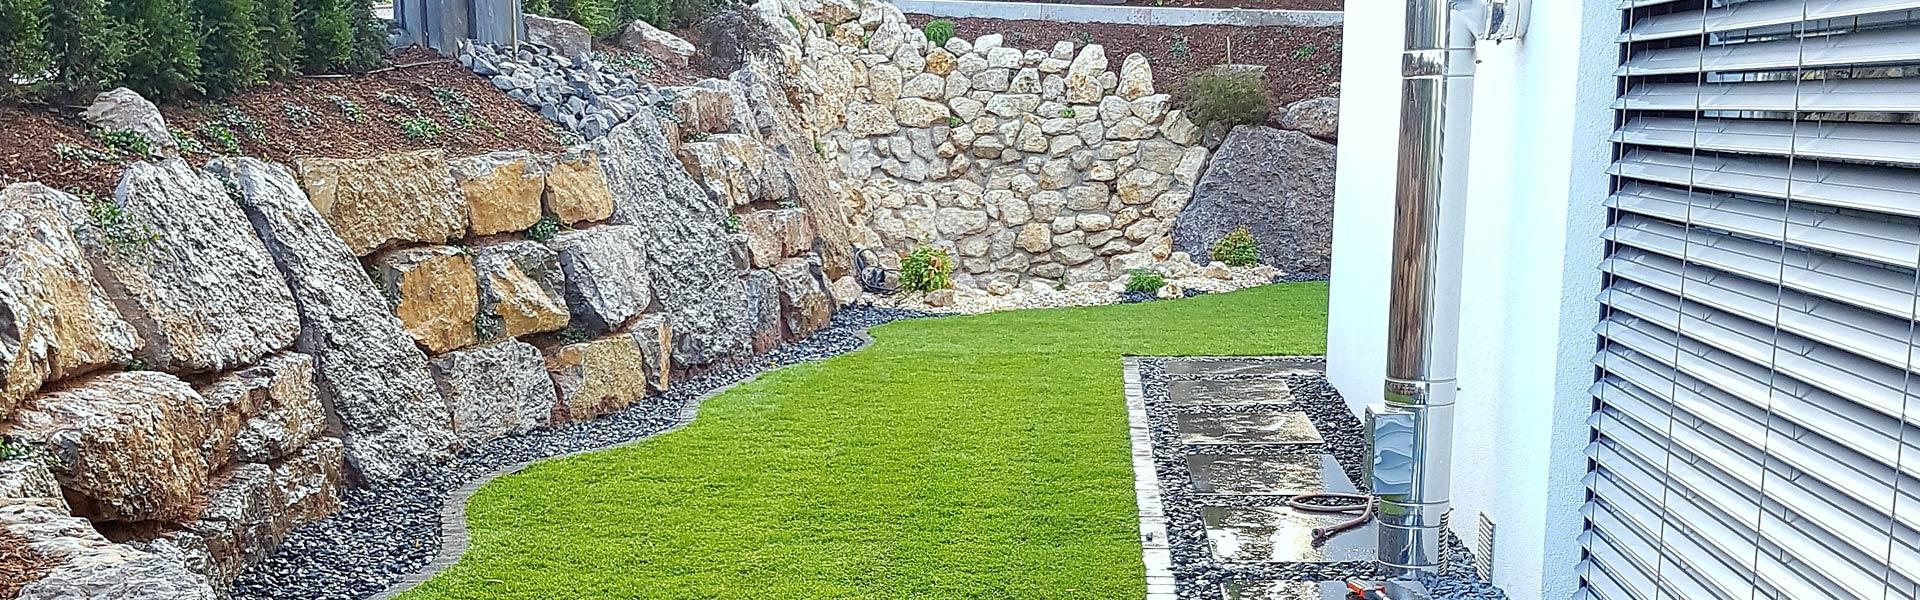 natursteinarbeiten-hang-große-natursteine